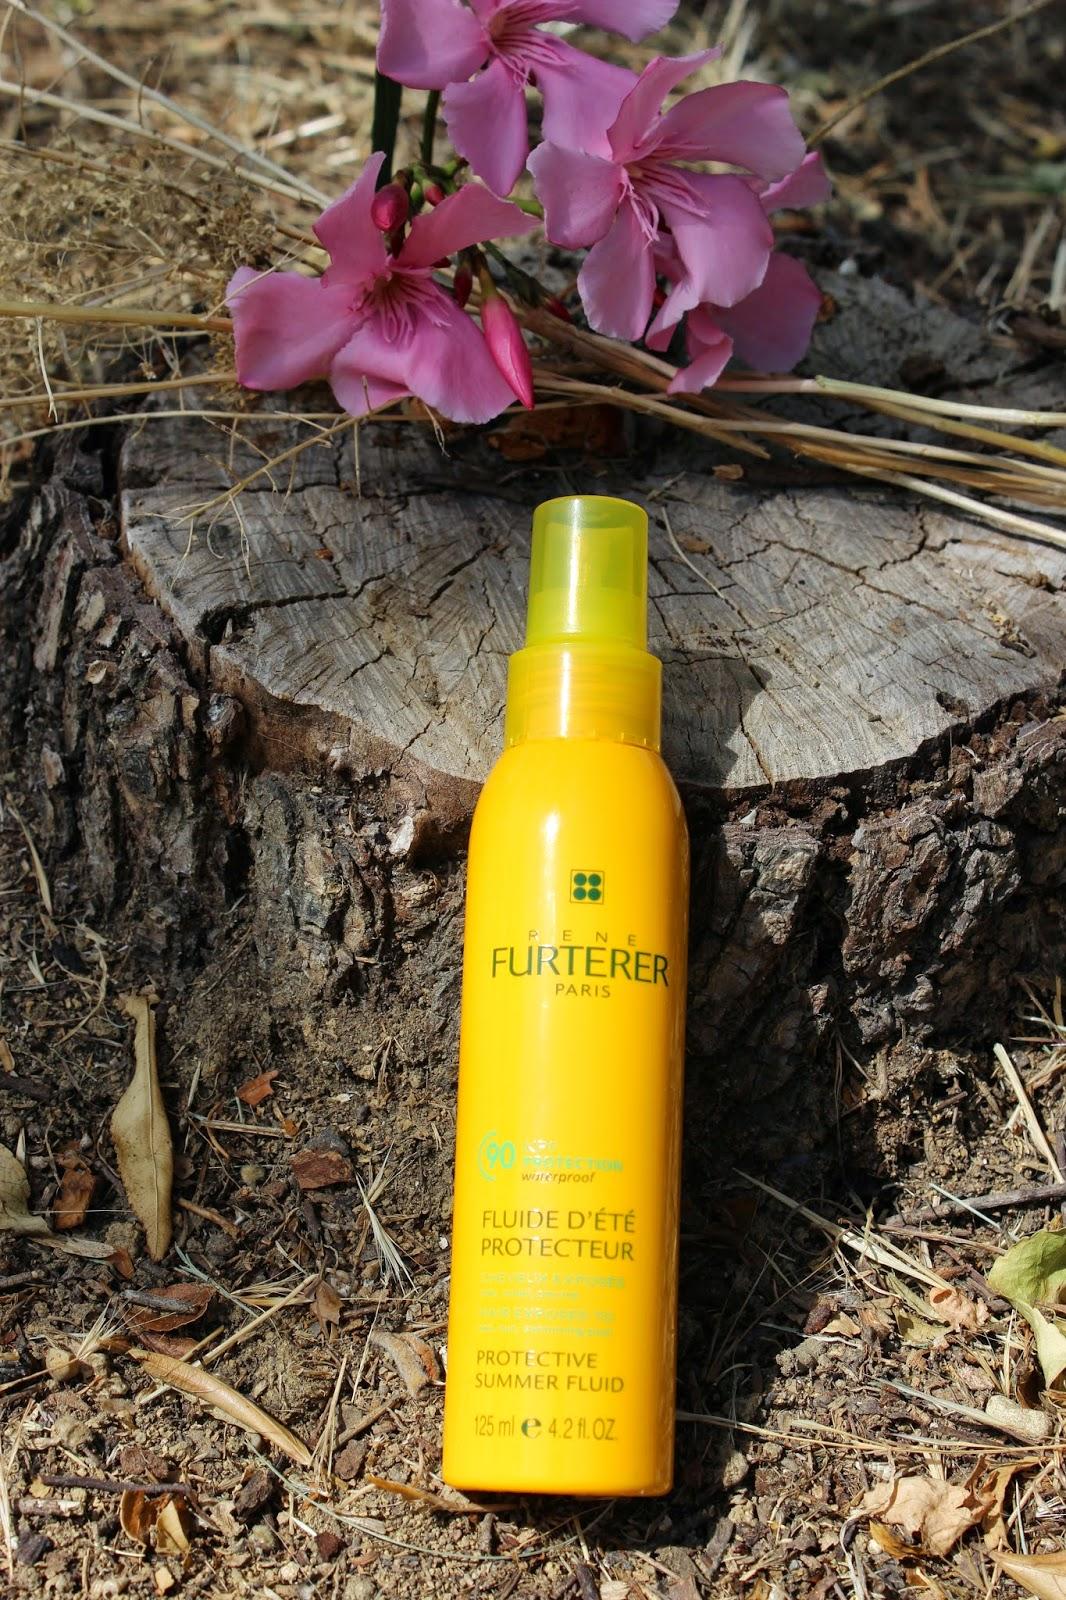 René Furterer, fluide d'été protecteur,  protection cheveux, protection solaire, capillaire